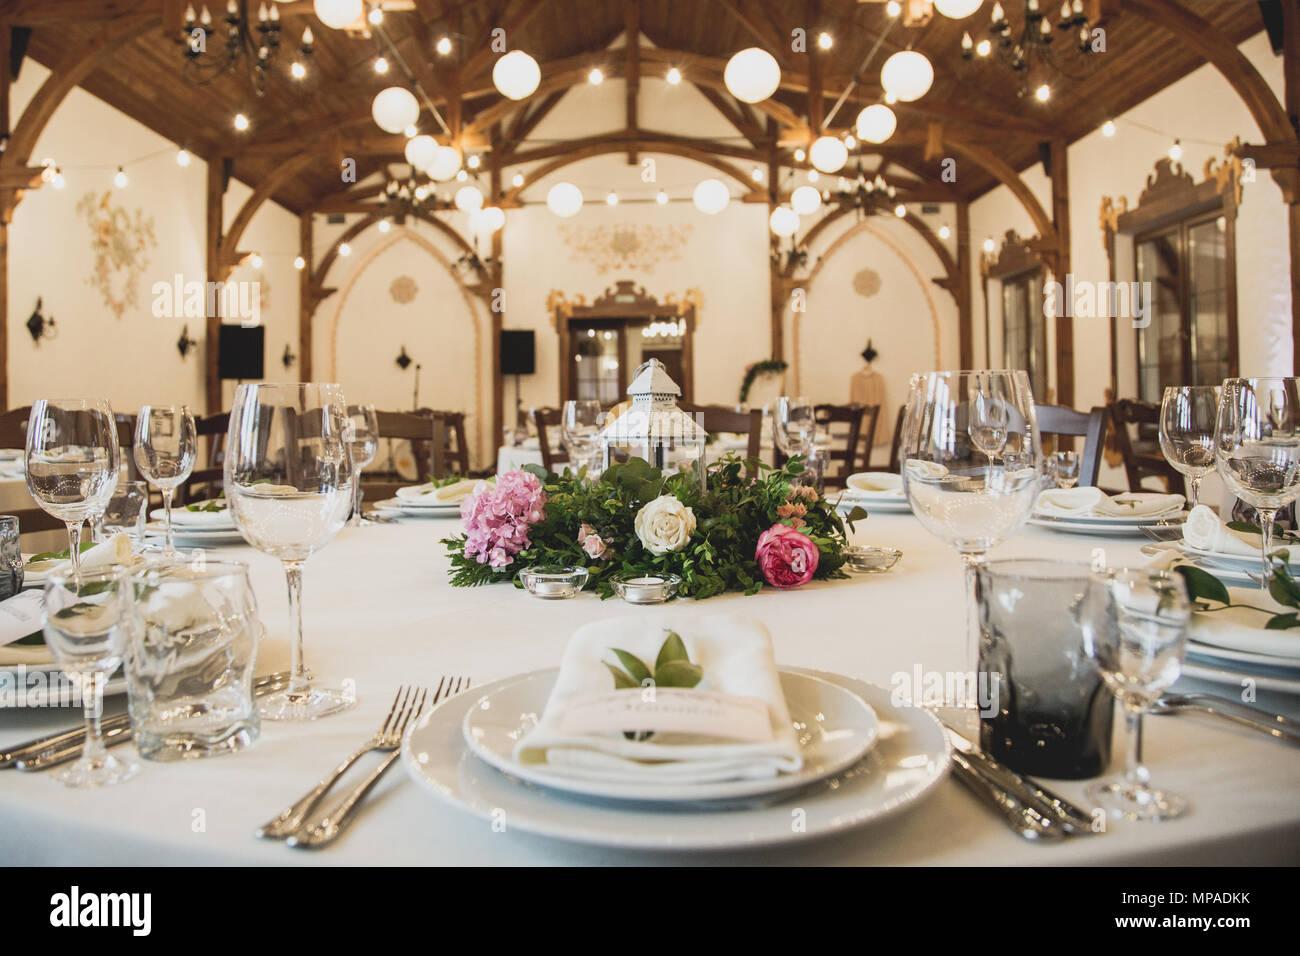 Decorazioni Matrimonio Bohemien : Decorazioni matrimonio decorazioni matrimonio with decorazioni